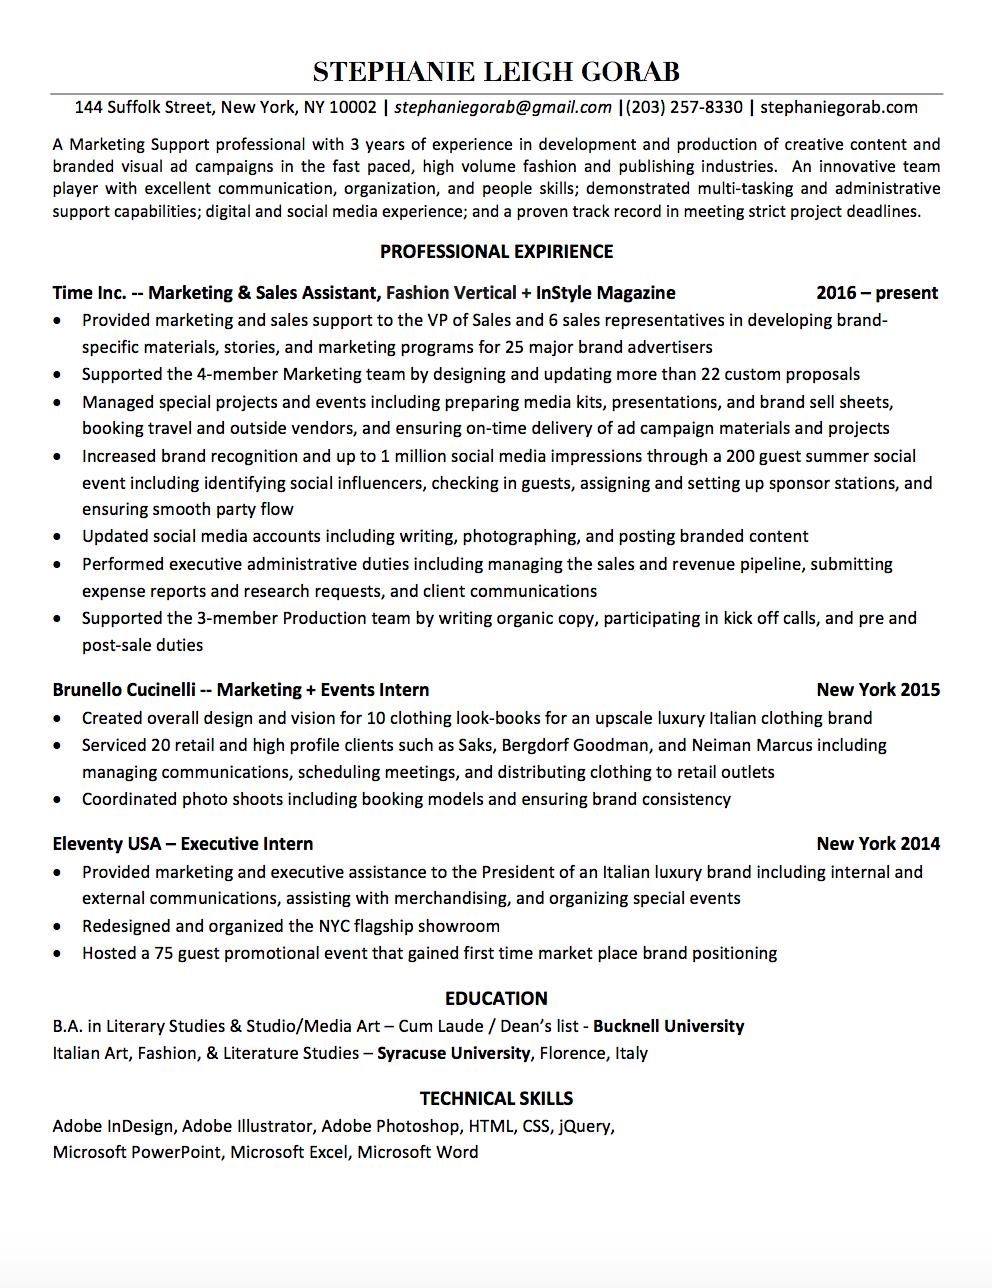 Resume — SLG